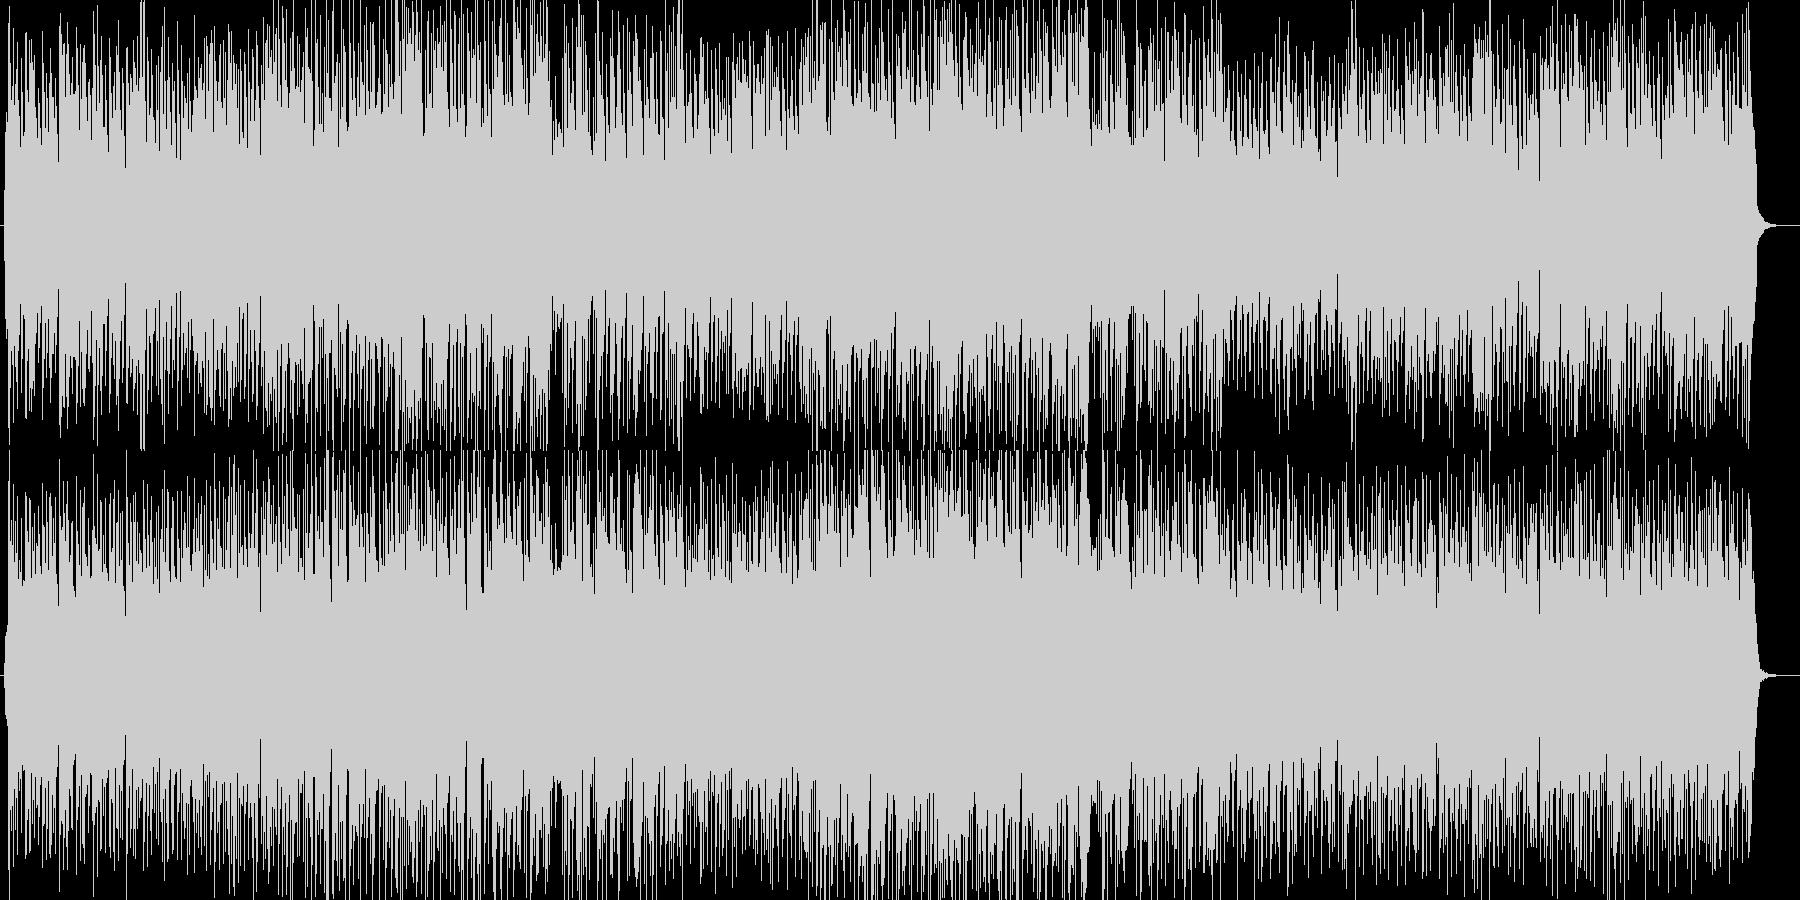 軽やかで軽快なバイオリンとピアノポップスの未再生の波形